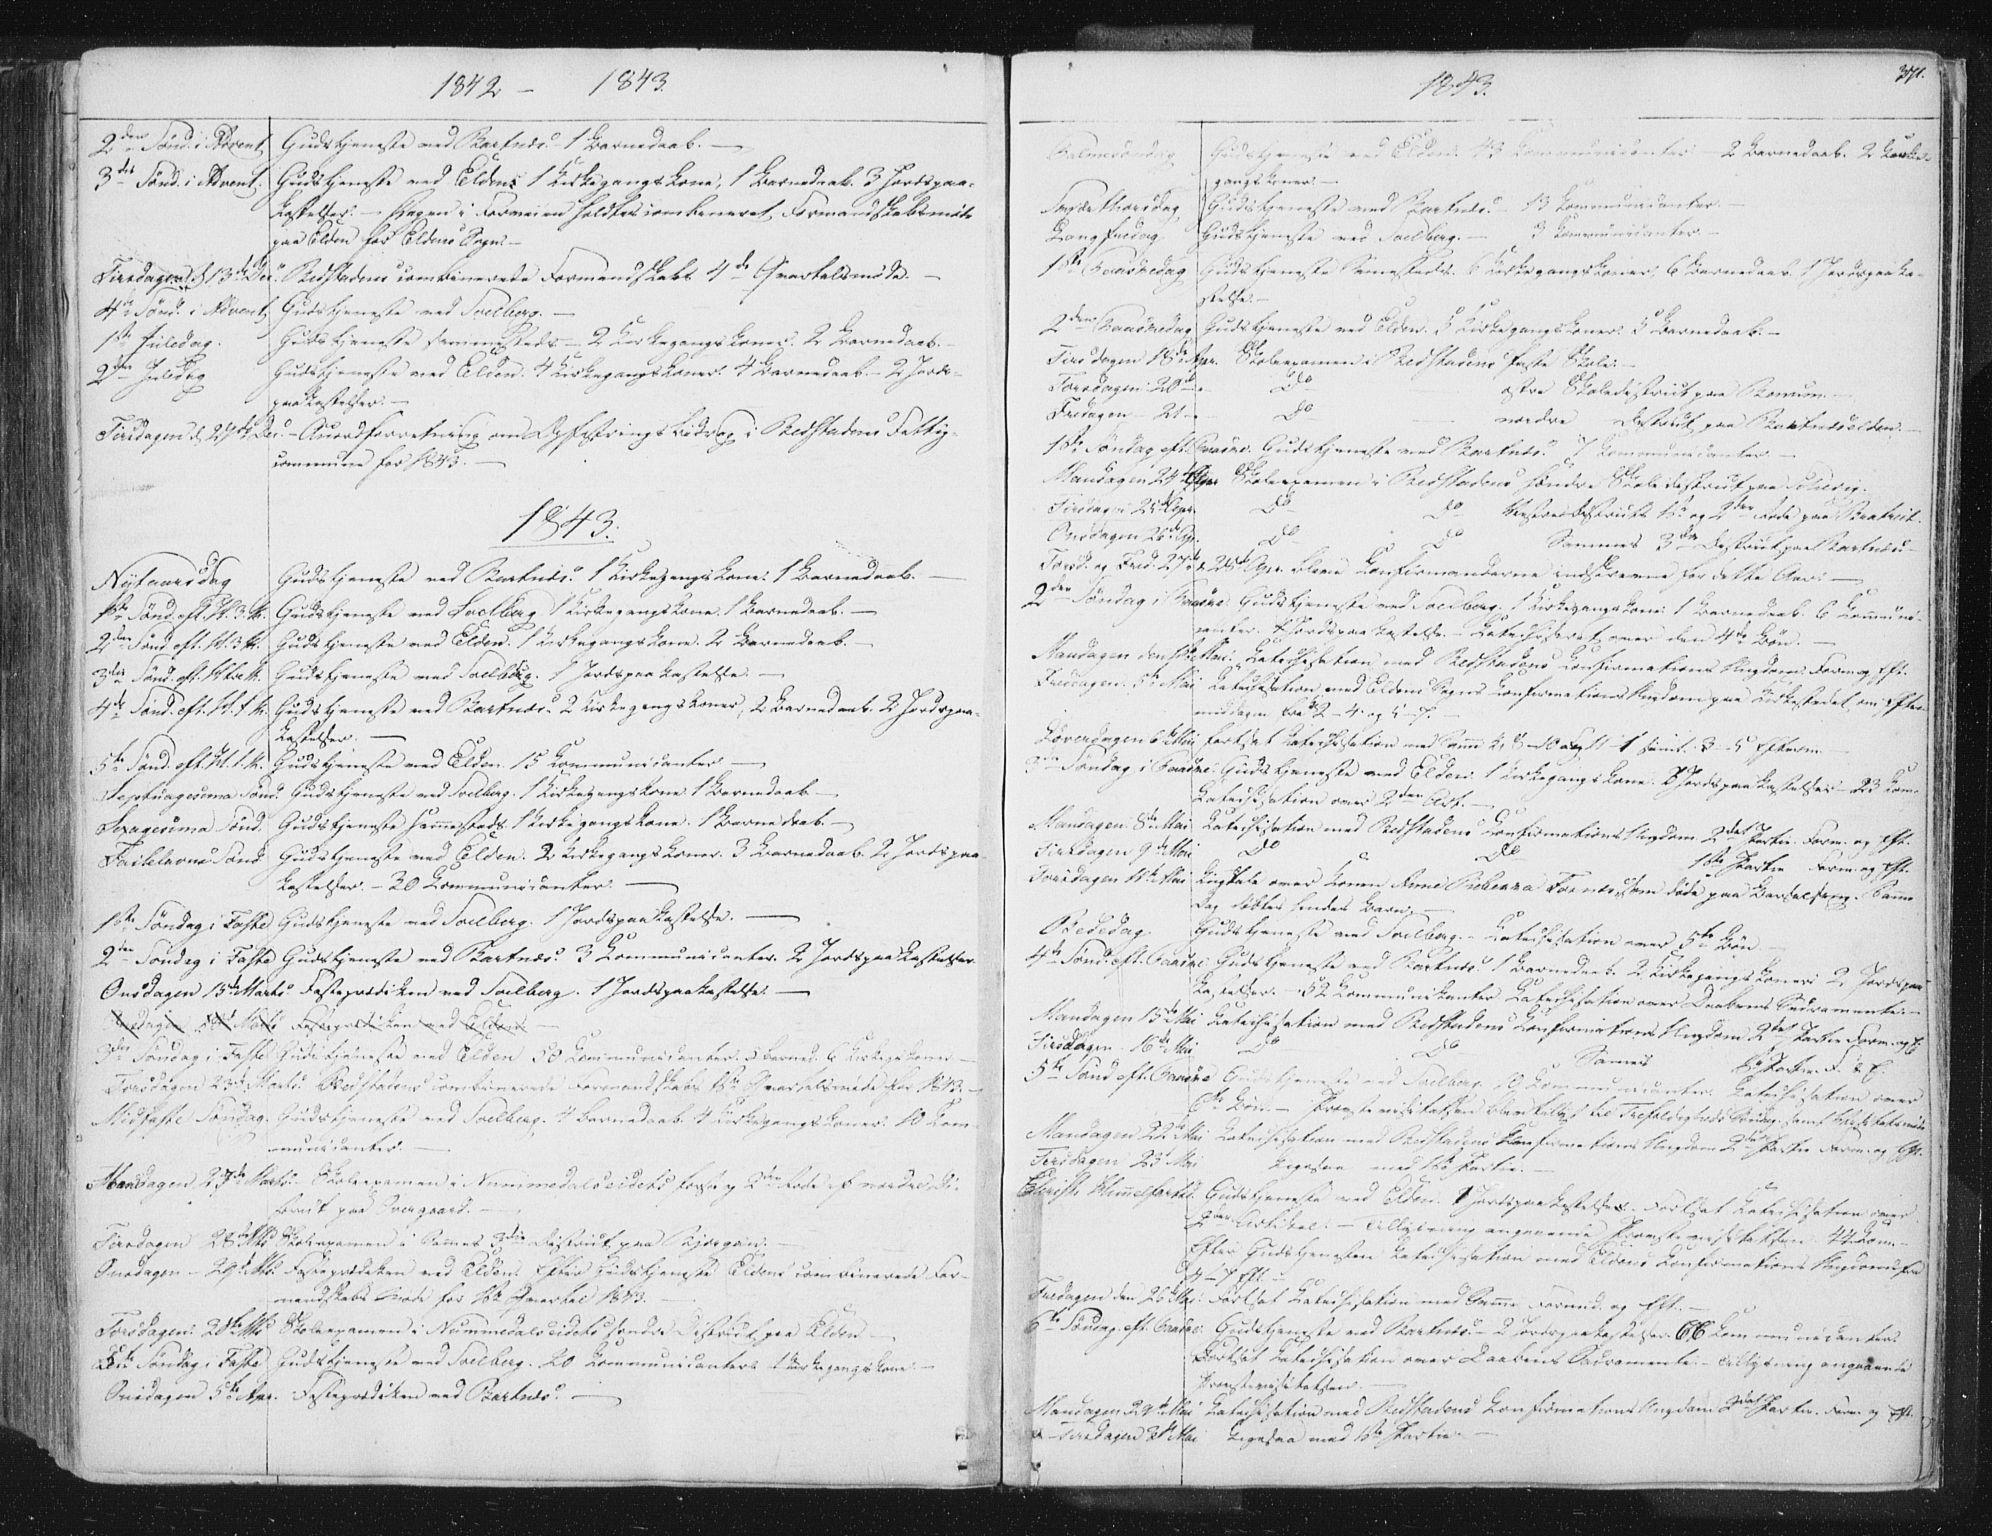 SAT, Ministerialprotokoller, klokkerbøker og fødselsregistre - Nord-Trøndelag, 741/L0392: Ministerialbok nr. 741A06, 1836-1848, s. 371